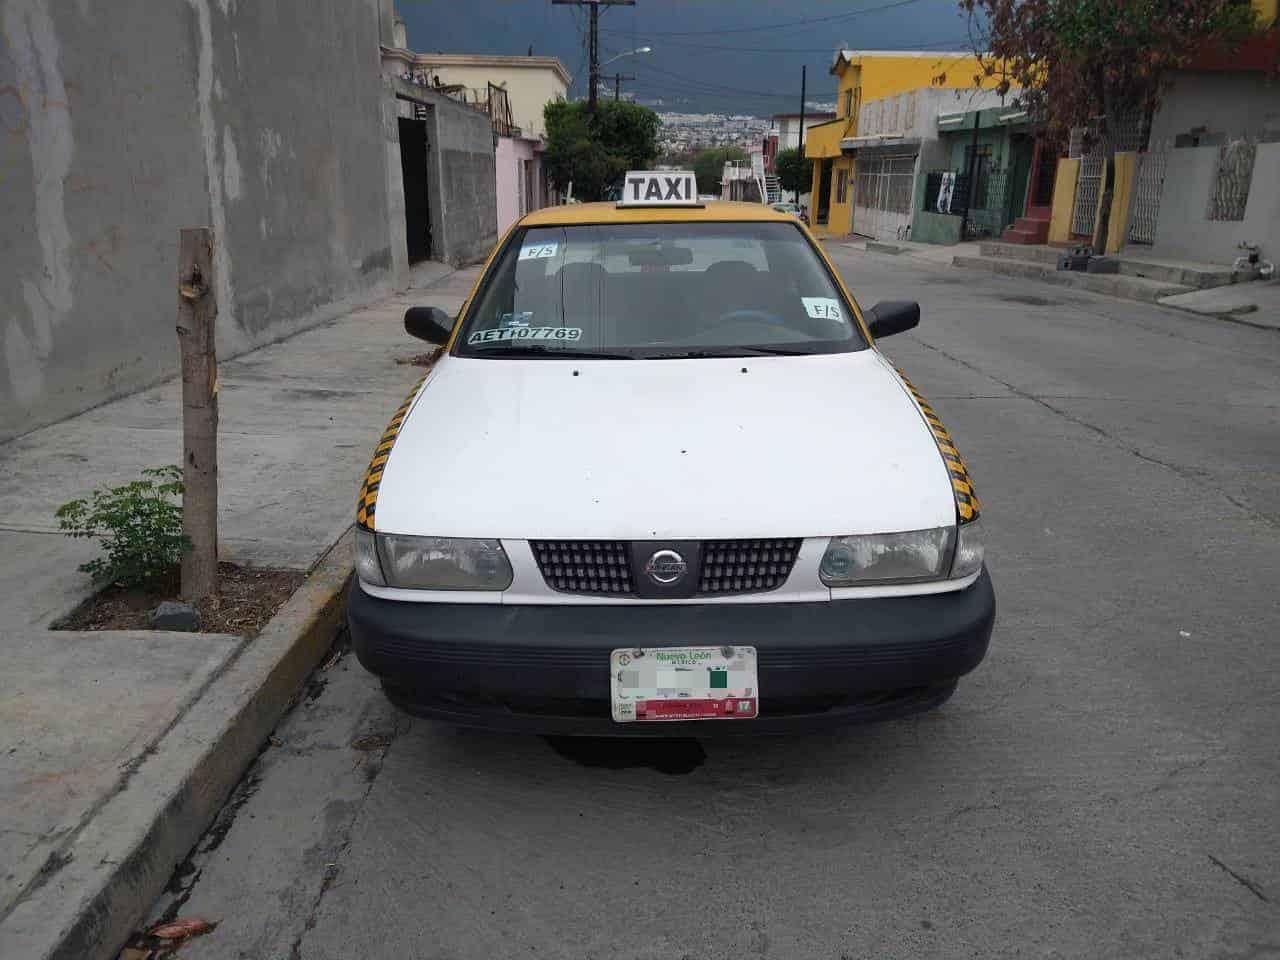 Recuperaron un taxi que contaba con reporte de robo, en la Colonia Madre Selva